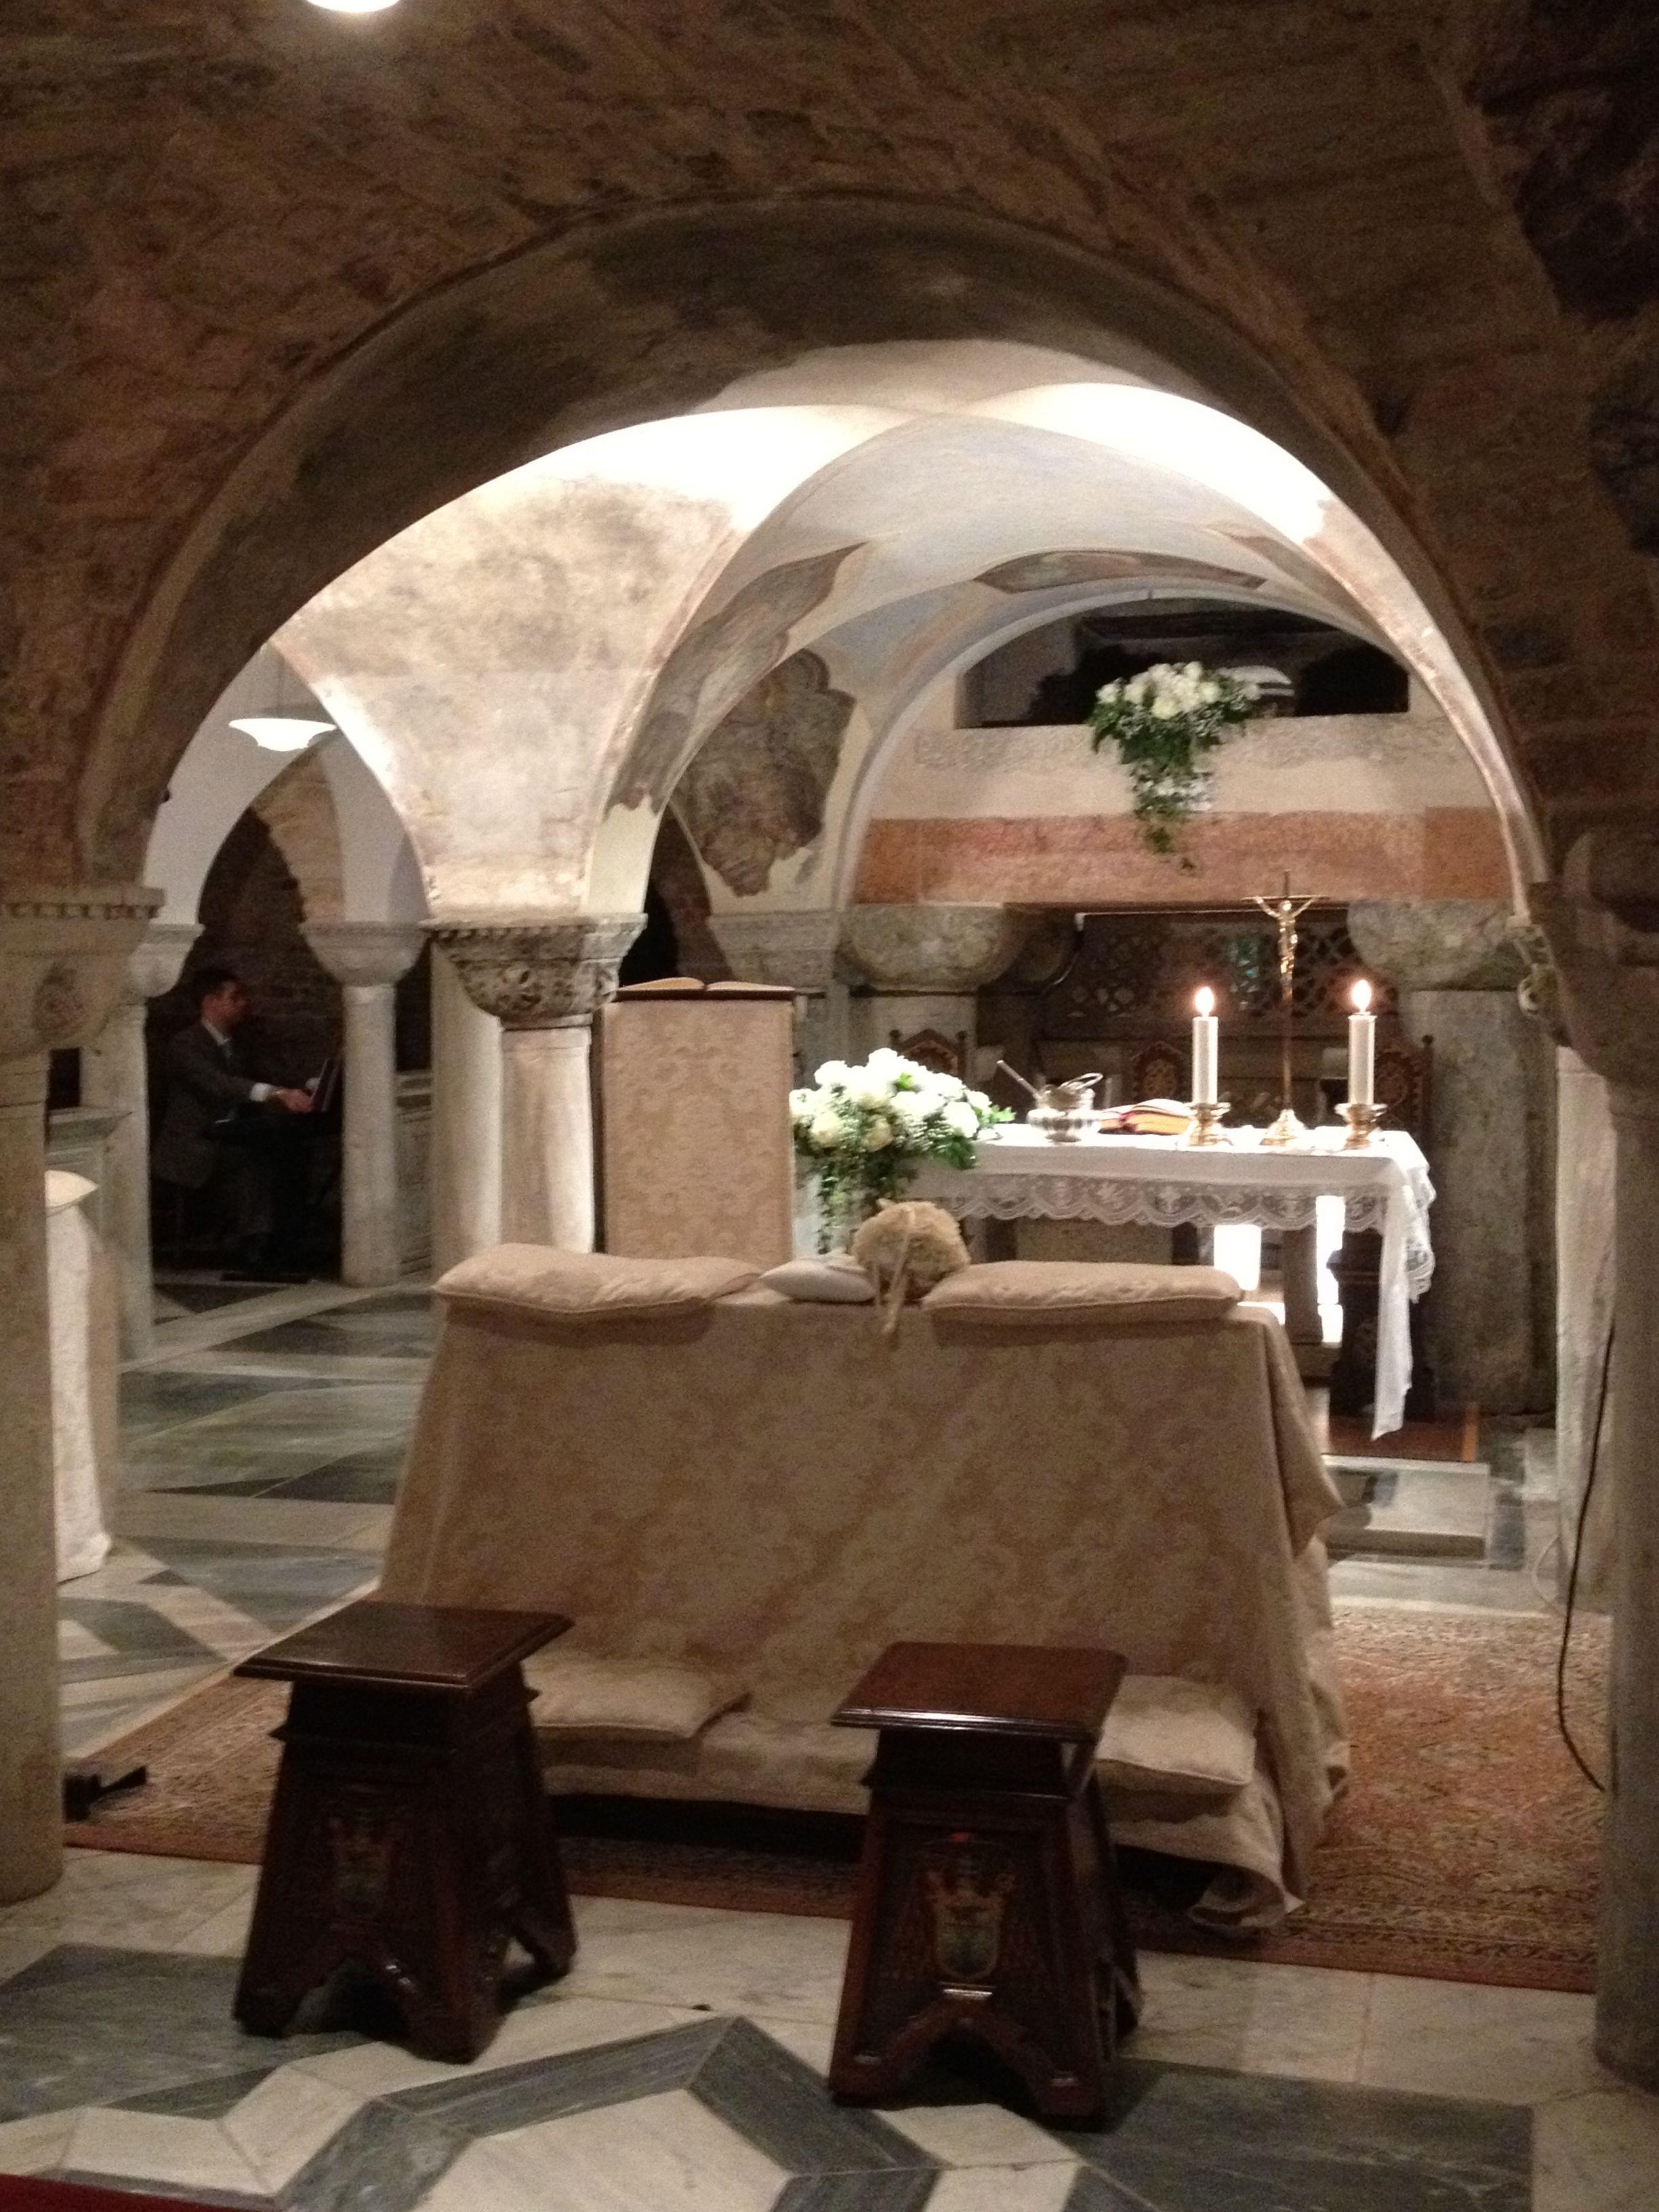 Cripta Basilica San Marco Venezia Criptas Lugares Para